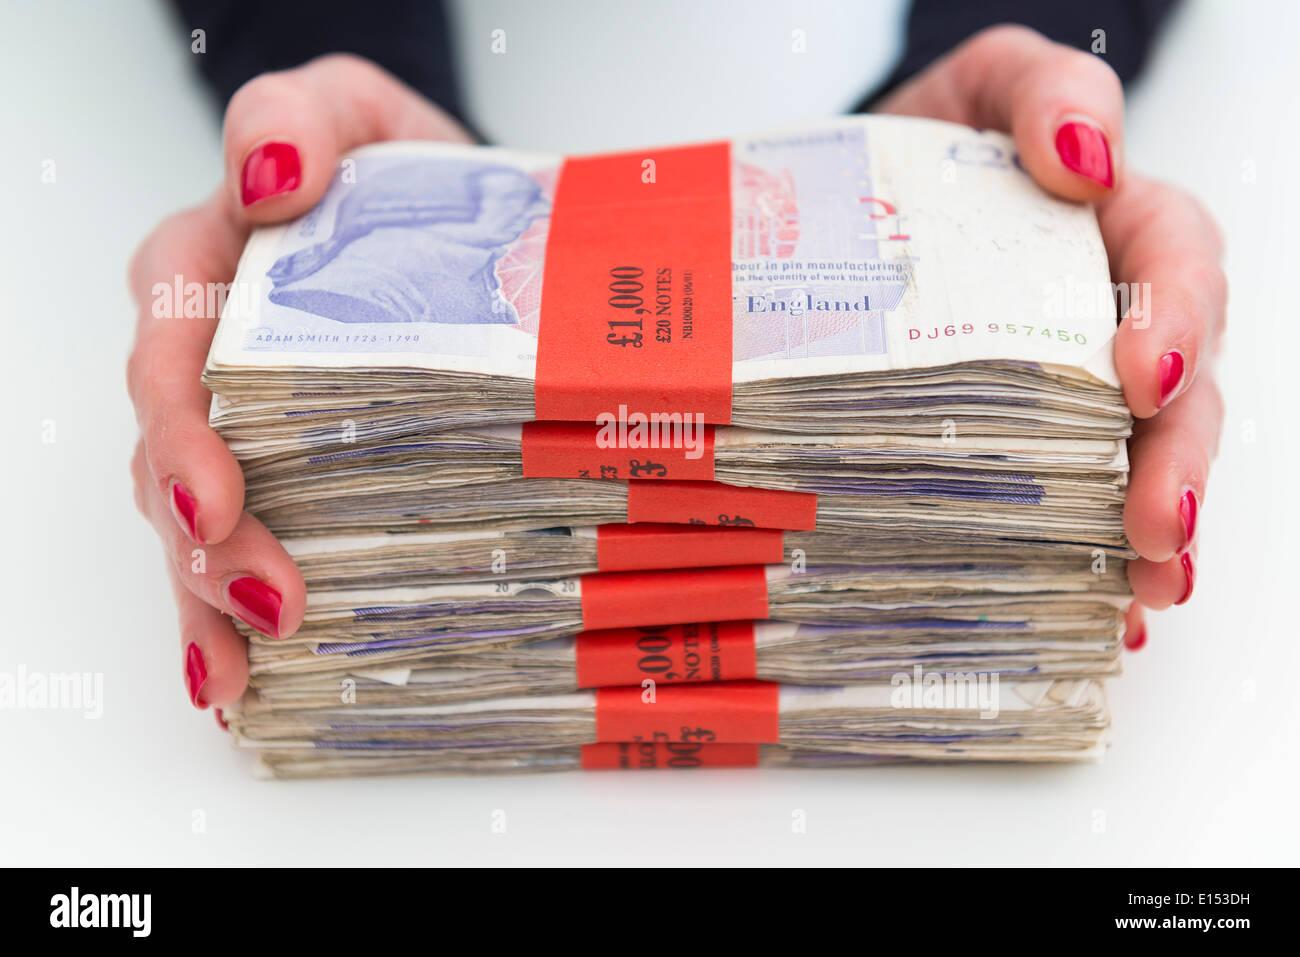 Eine Frau hält £1000 Bündel von britischen Pfund Sterling. Stockbild